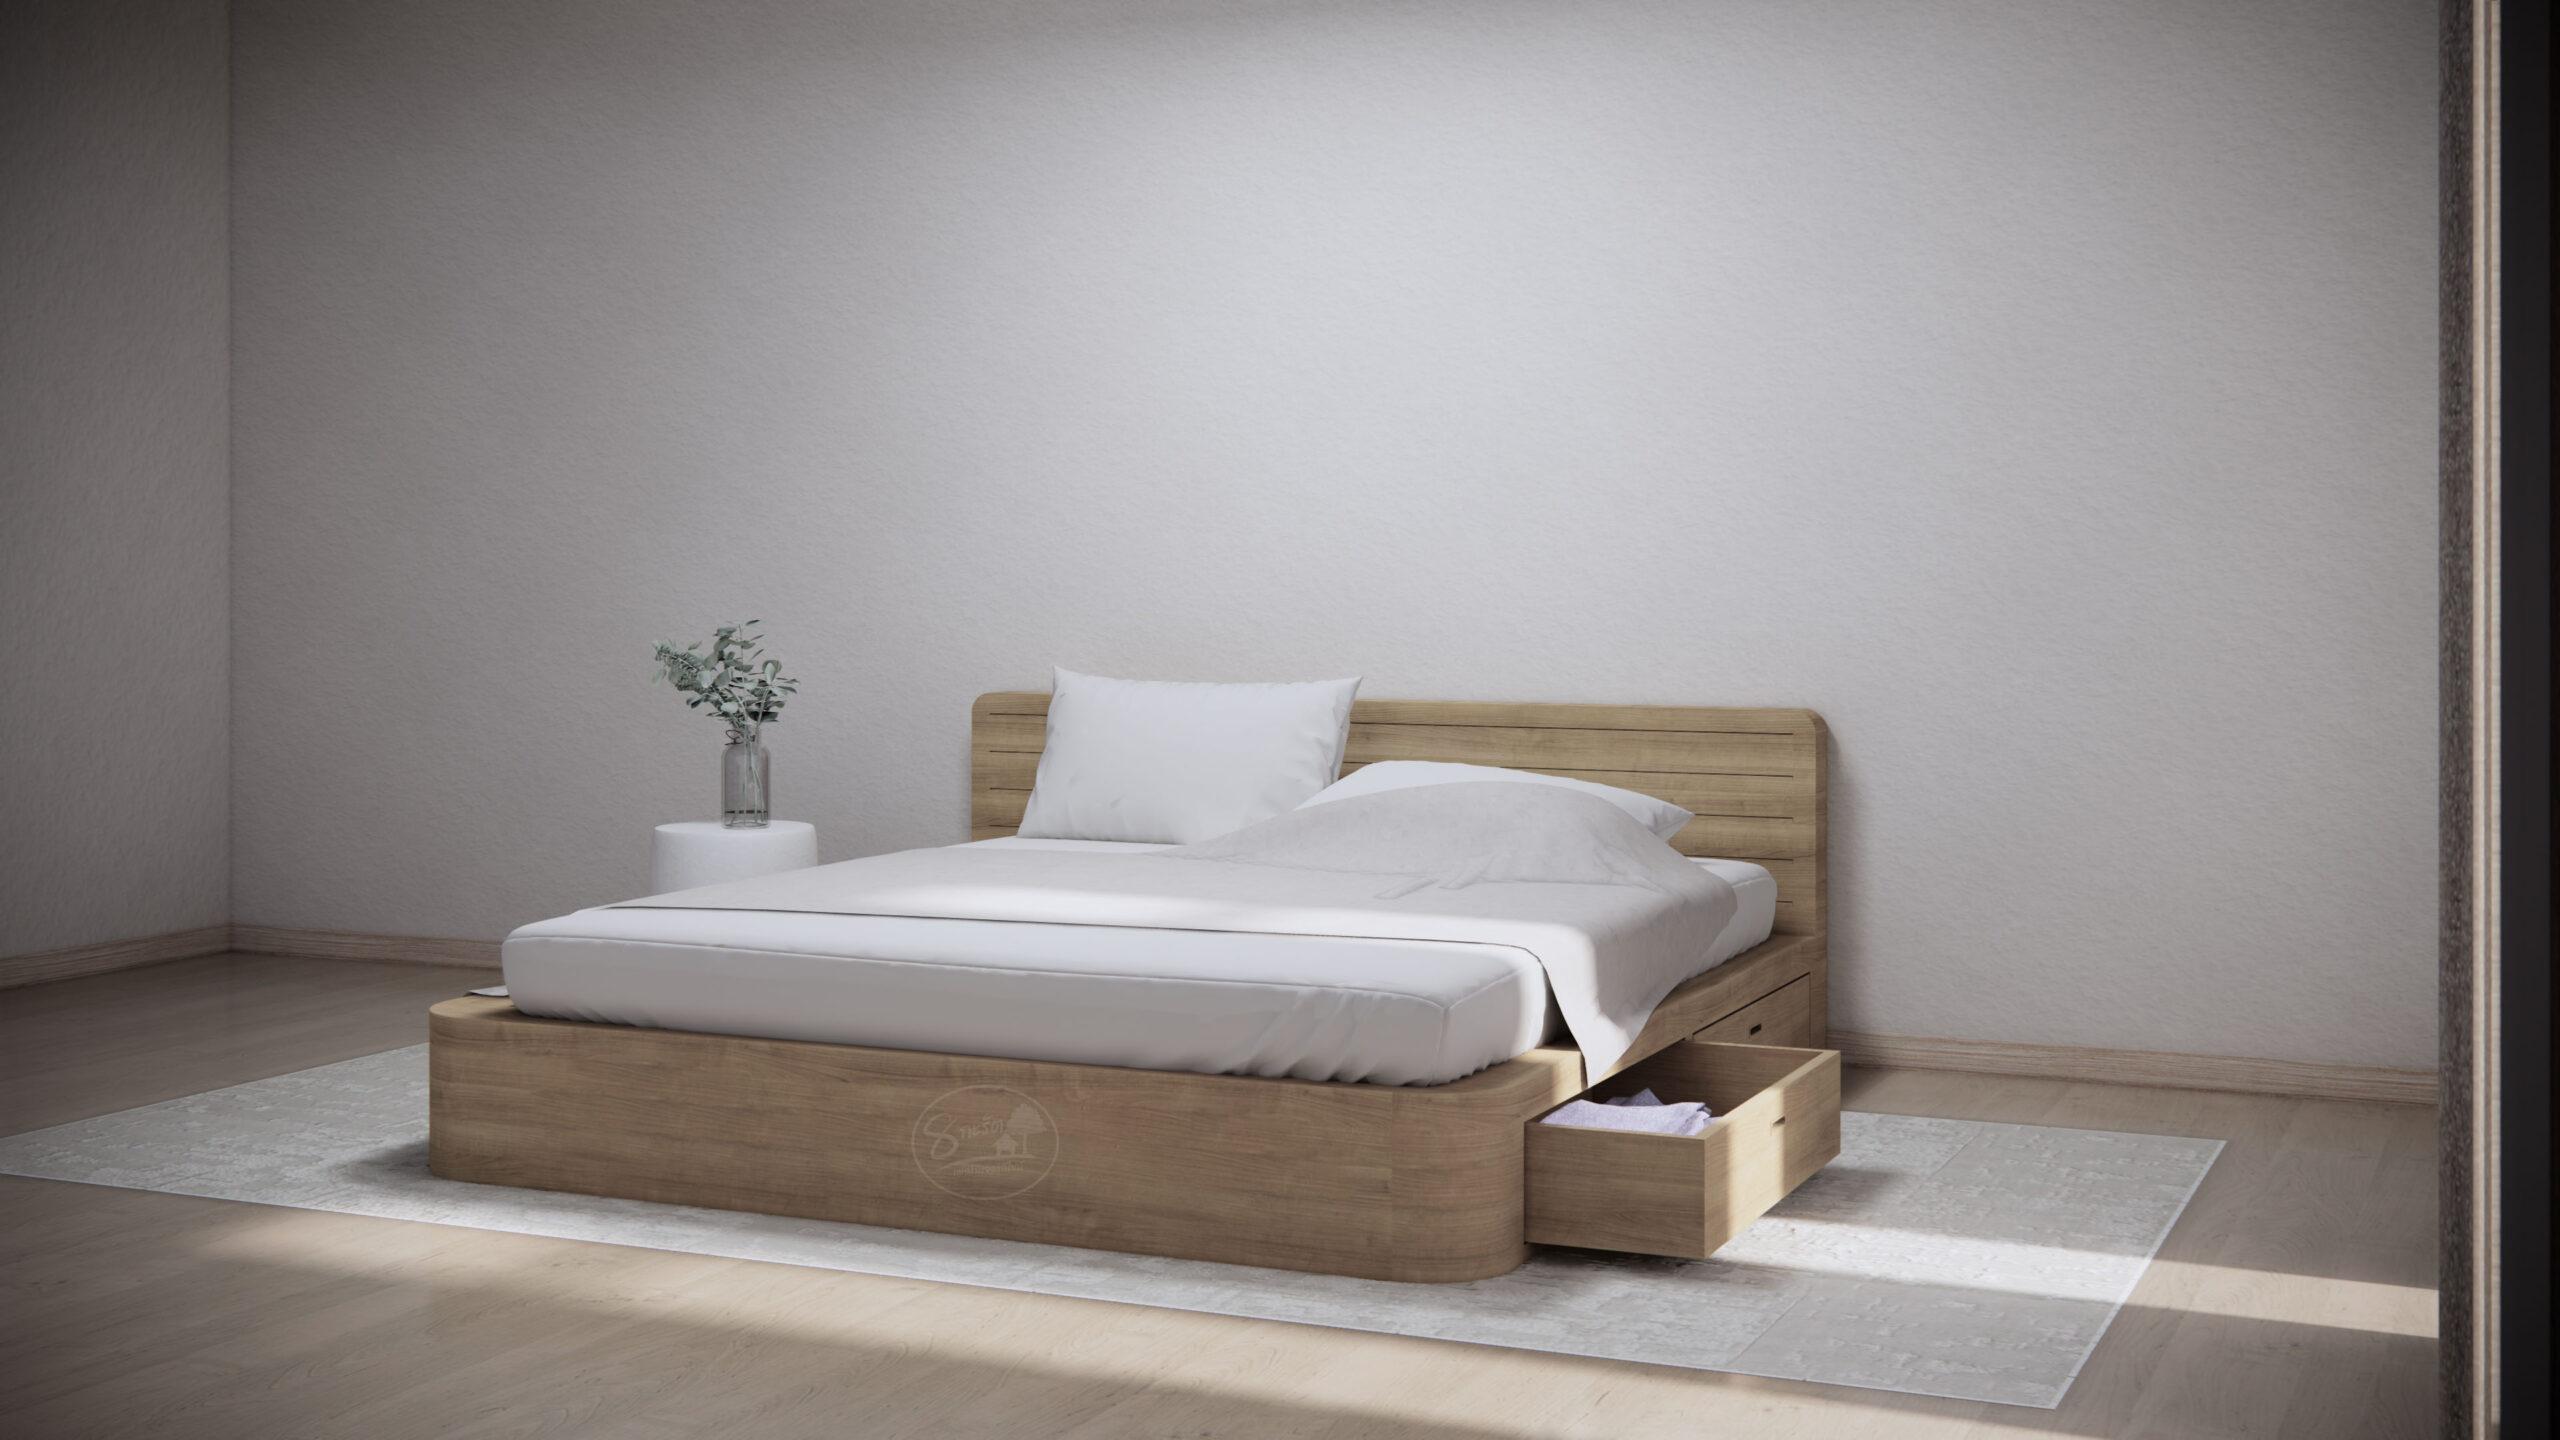 KR105-2 Curve Bed w Drawer 🪐 เตียงนอนโค้งมีลิ้นชัก 🪐